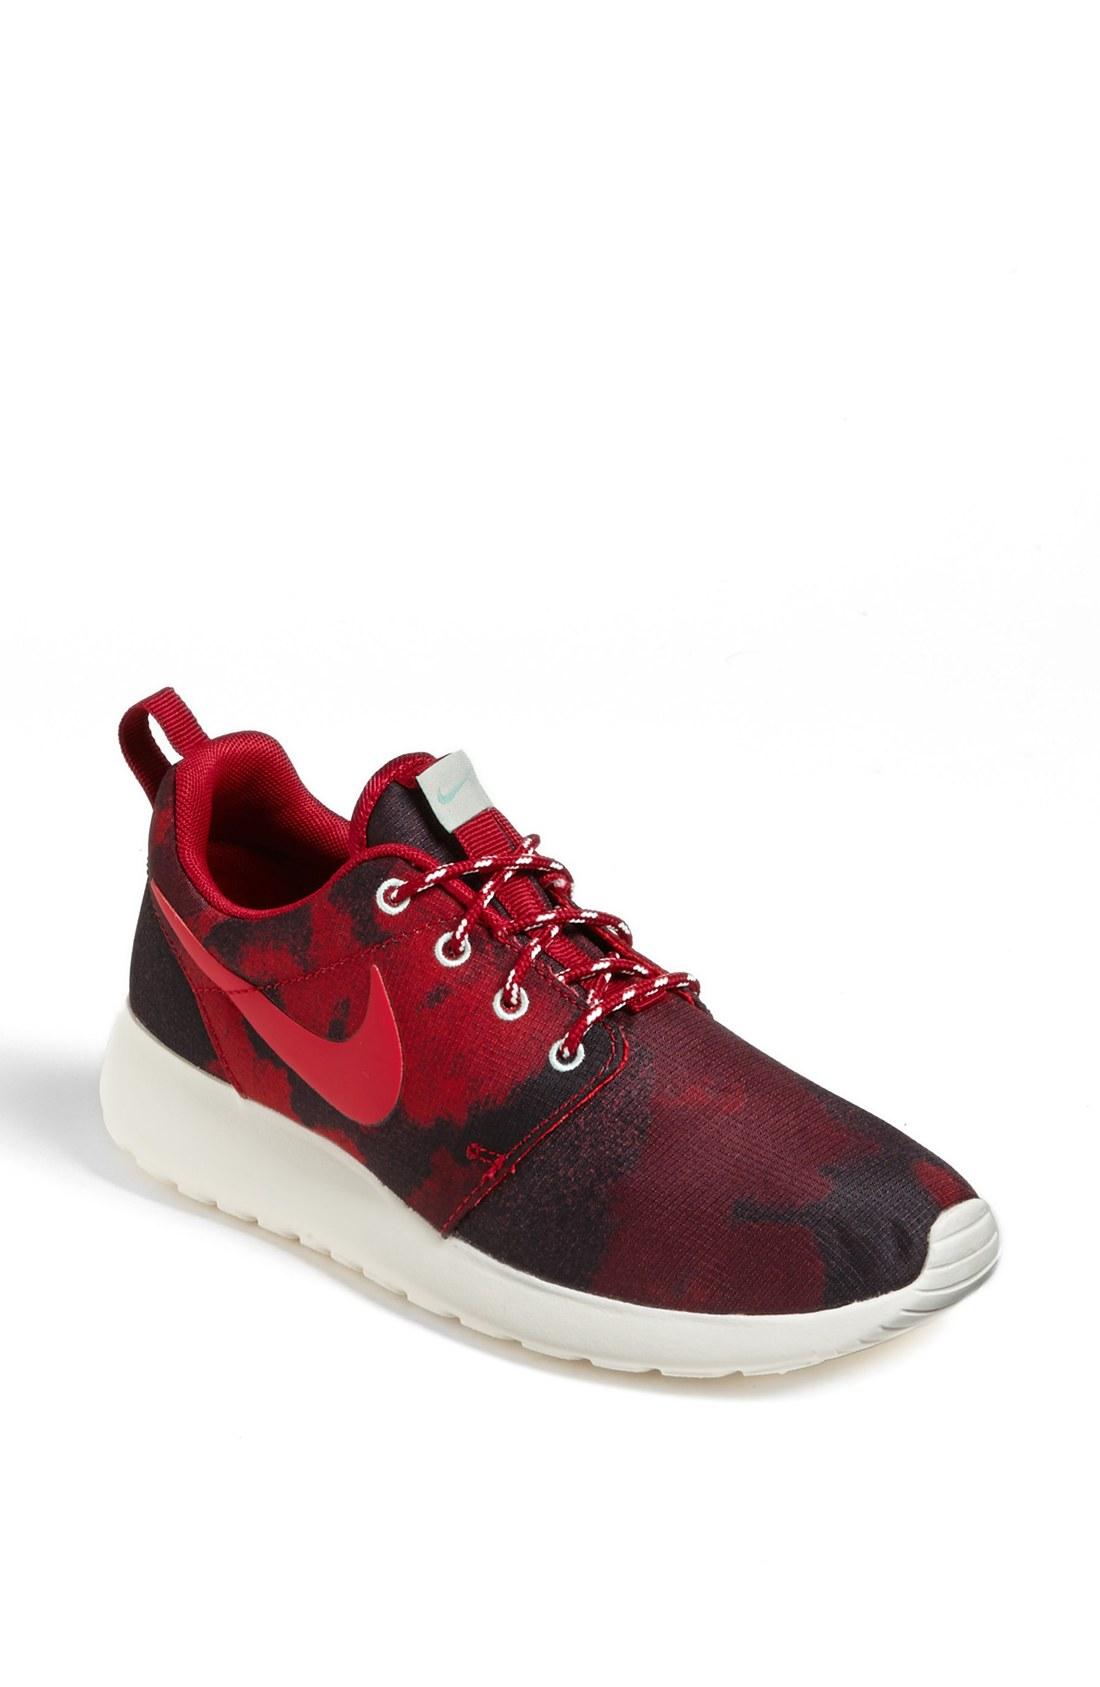 Nike Roshe Run All Red